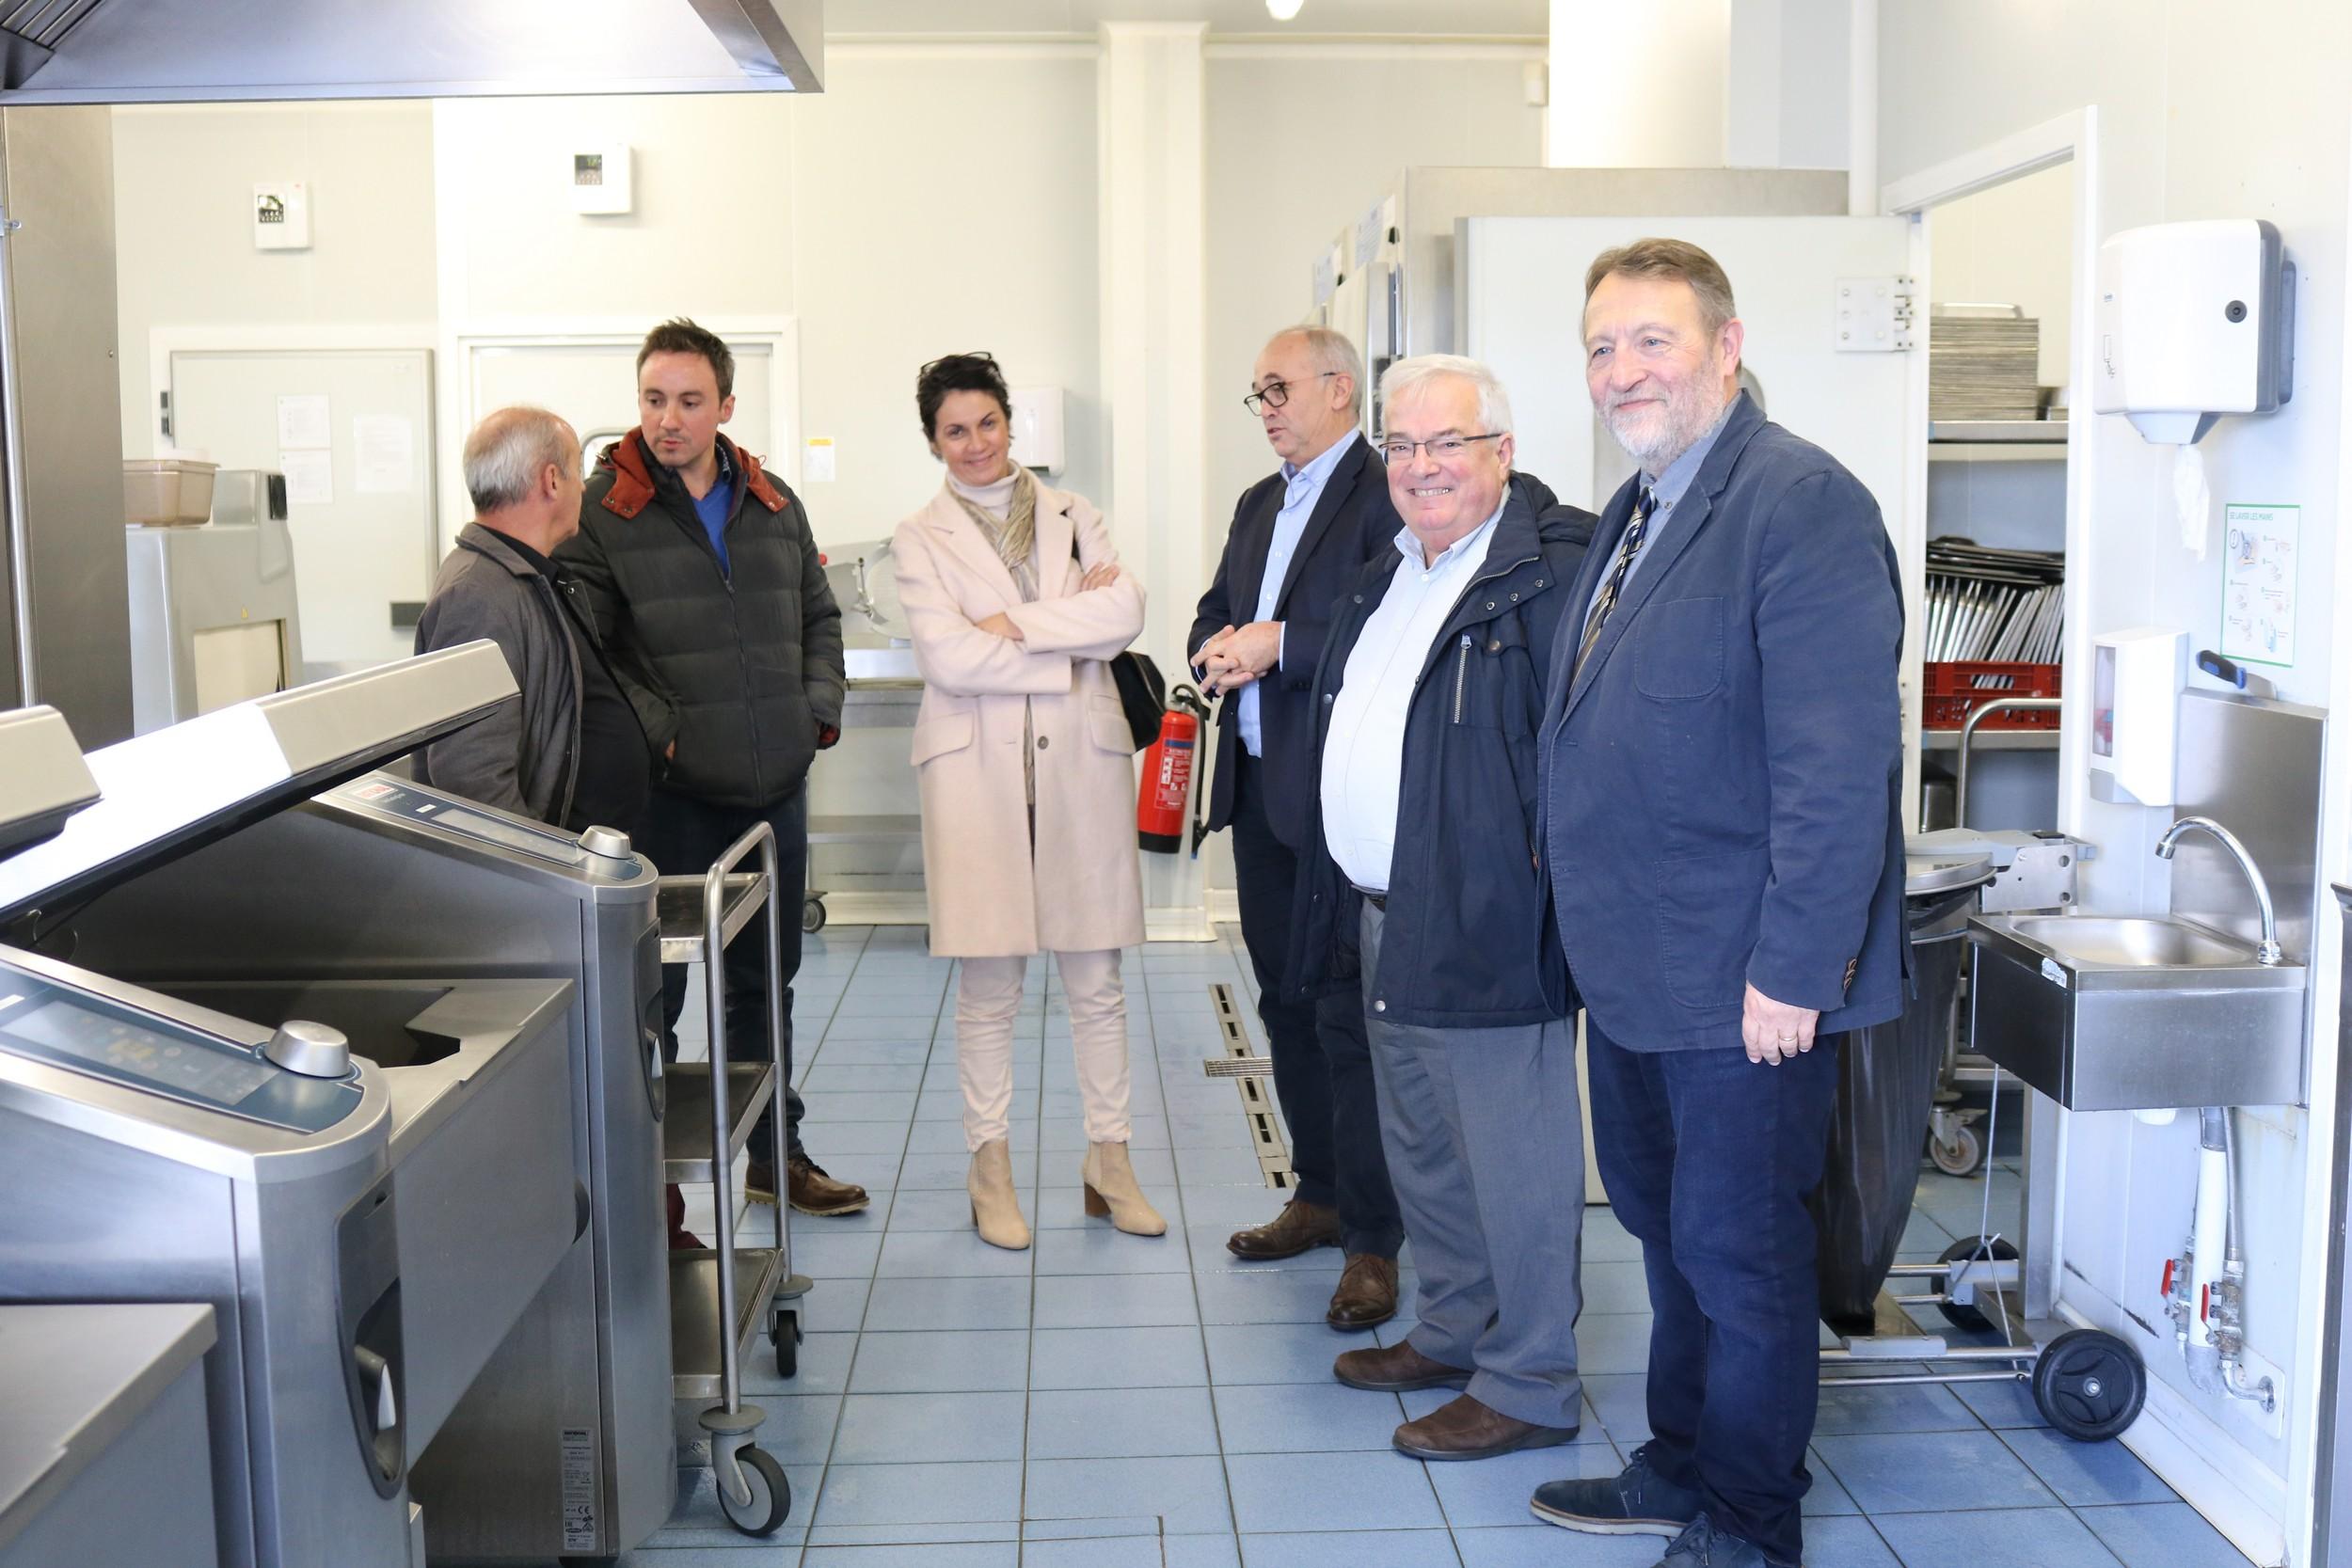 Le 7 novembre 2019 à Alençon, l'Adapei de l'Orne a inauguré la nouvelle ligne de self de sa cuisine centrale, l'UCPR d'Adap'Entreprise 61